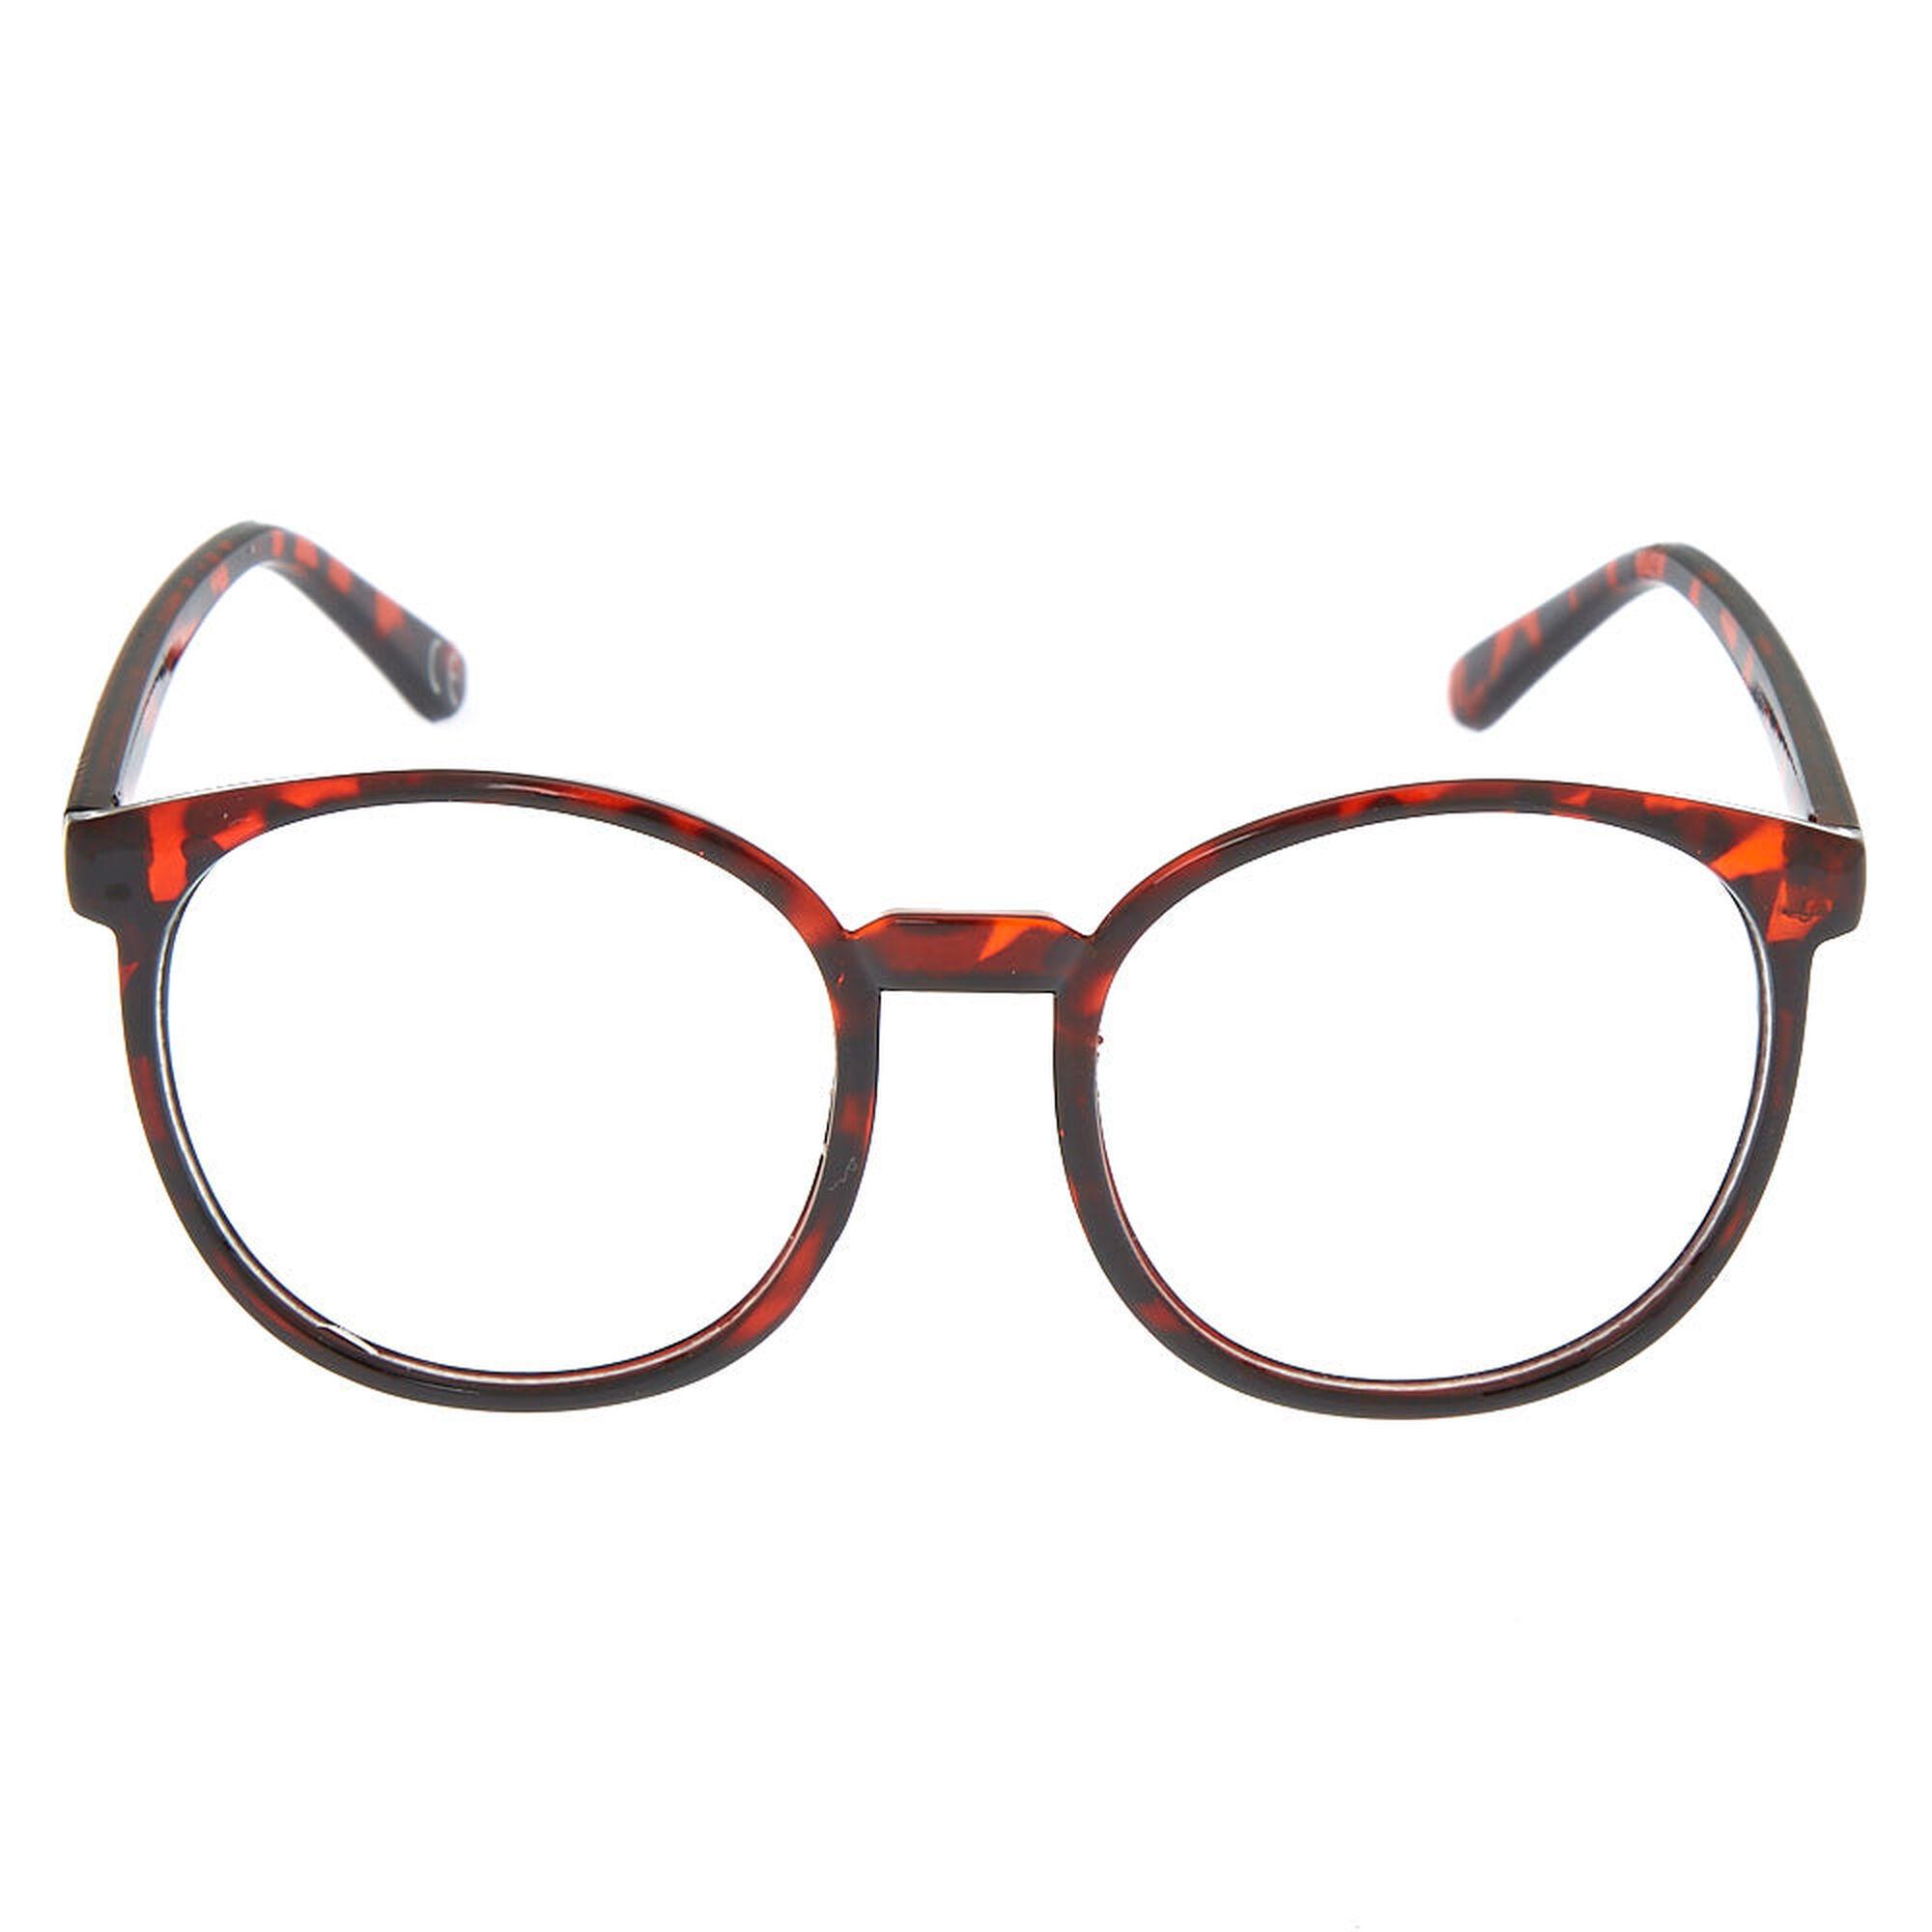 2bf947d997 ... Monture de lunettes ronde oversize à motif écaille ...